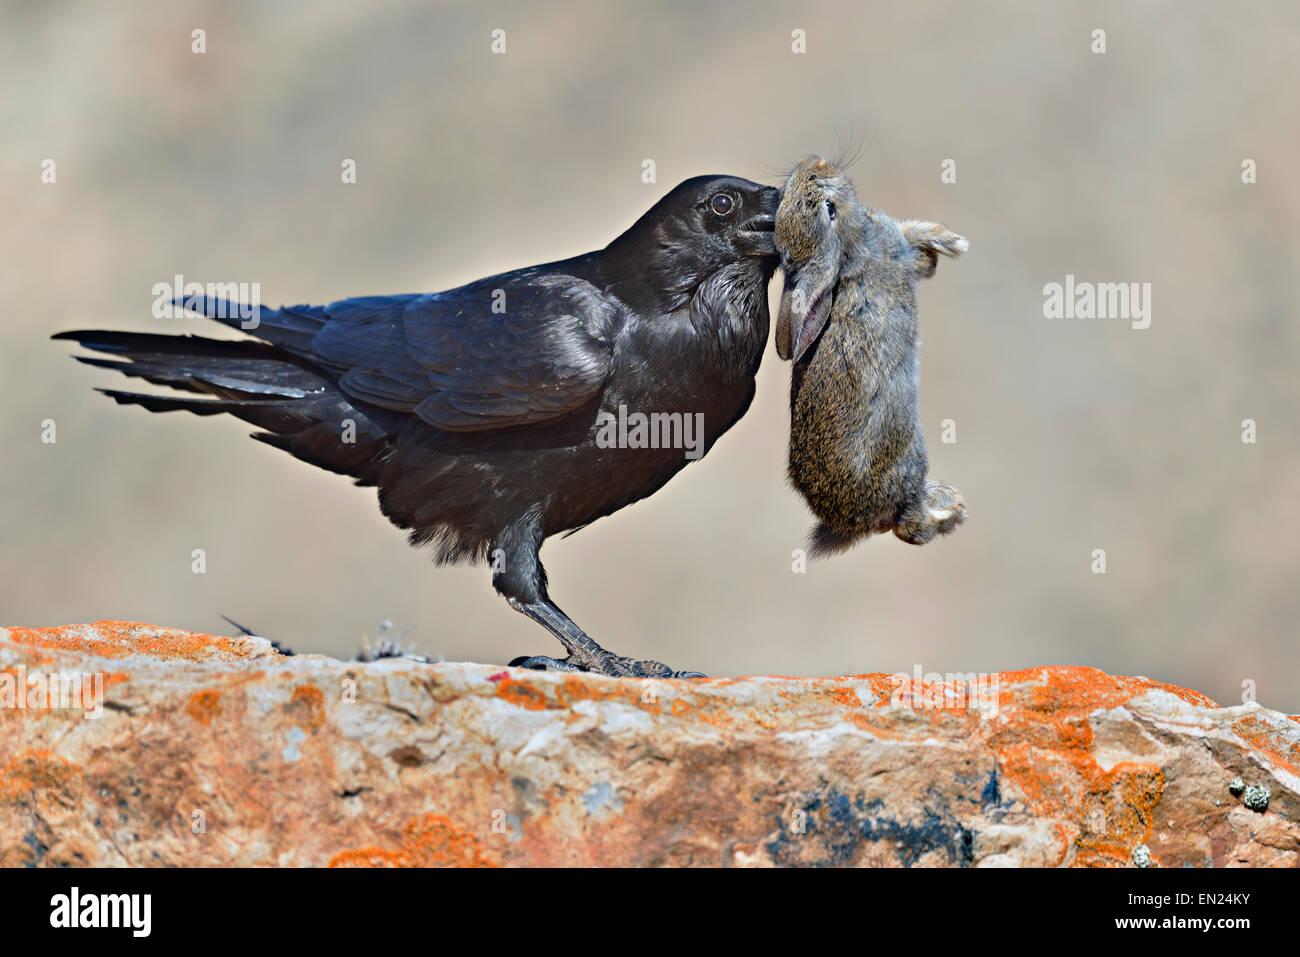 Corvus Corax Tingitanus, gemeinsame Raven Jagd auf ein wilden Kaninchen Stockbild